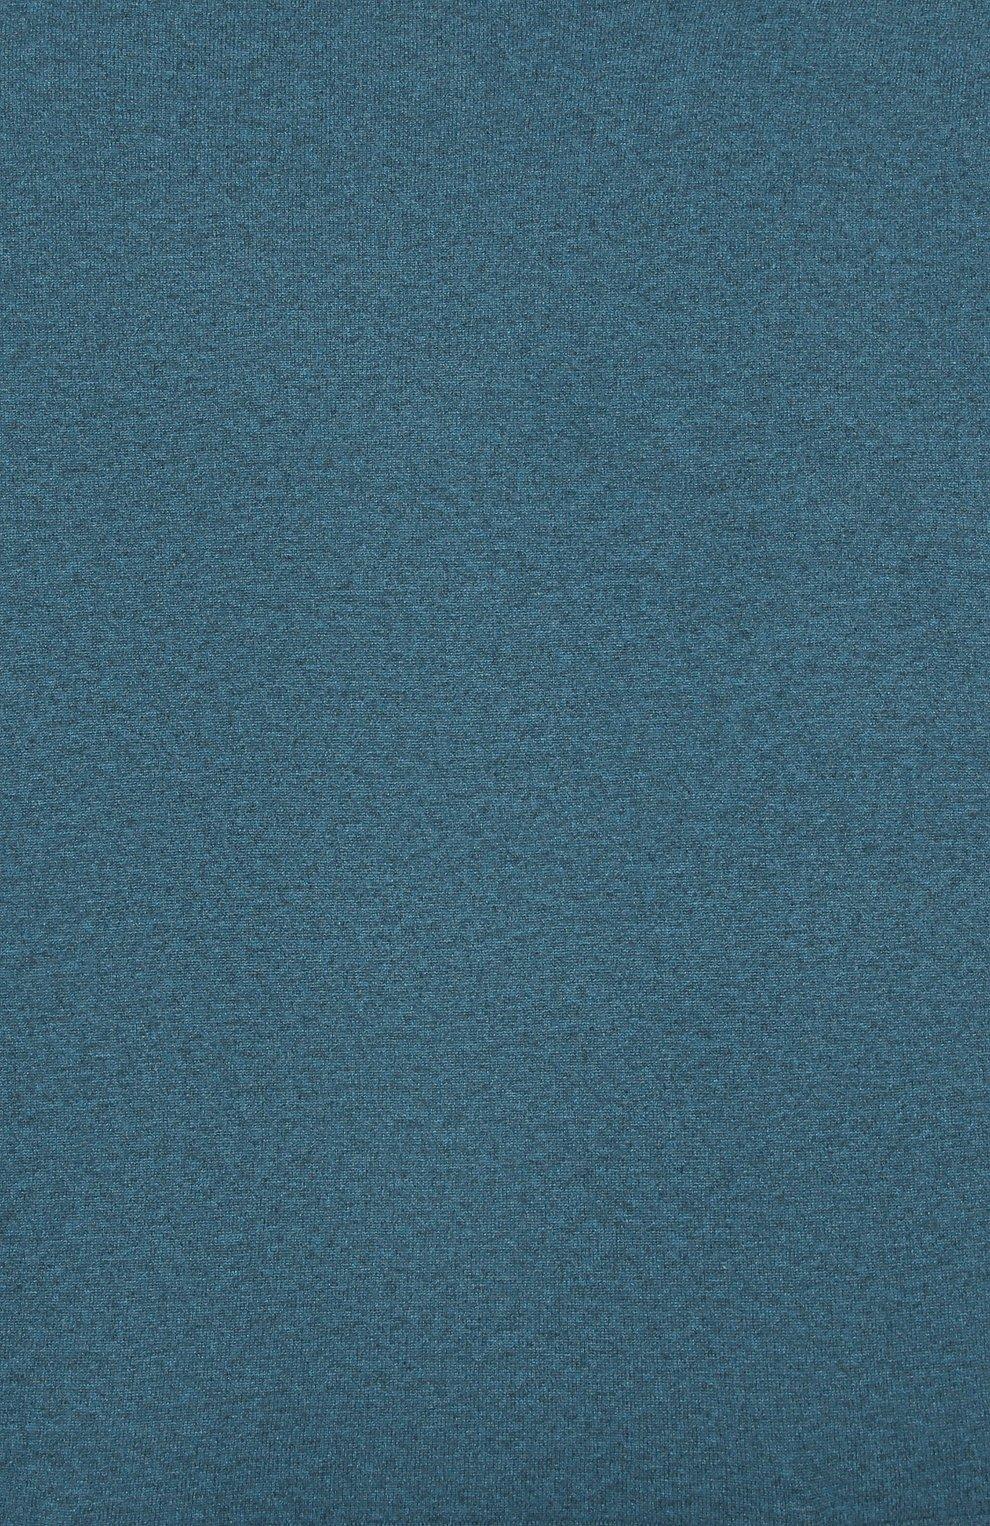 Детского кашемировый плед LES LUTINS PARIS синего цвета, арт. 20H025/CLEMENTINE | Фото 2 (Материал: Кашемир, Шерсть)